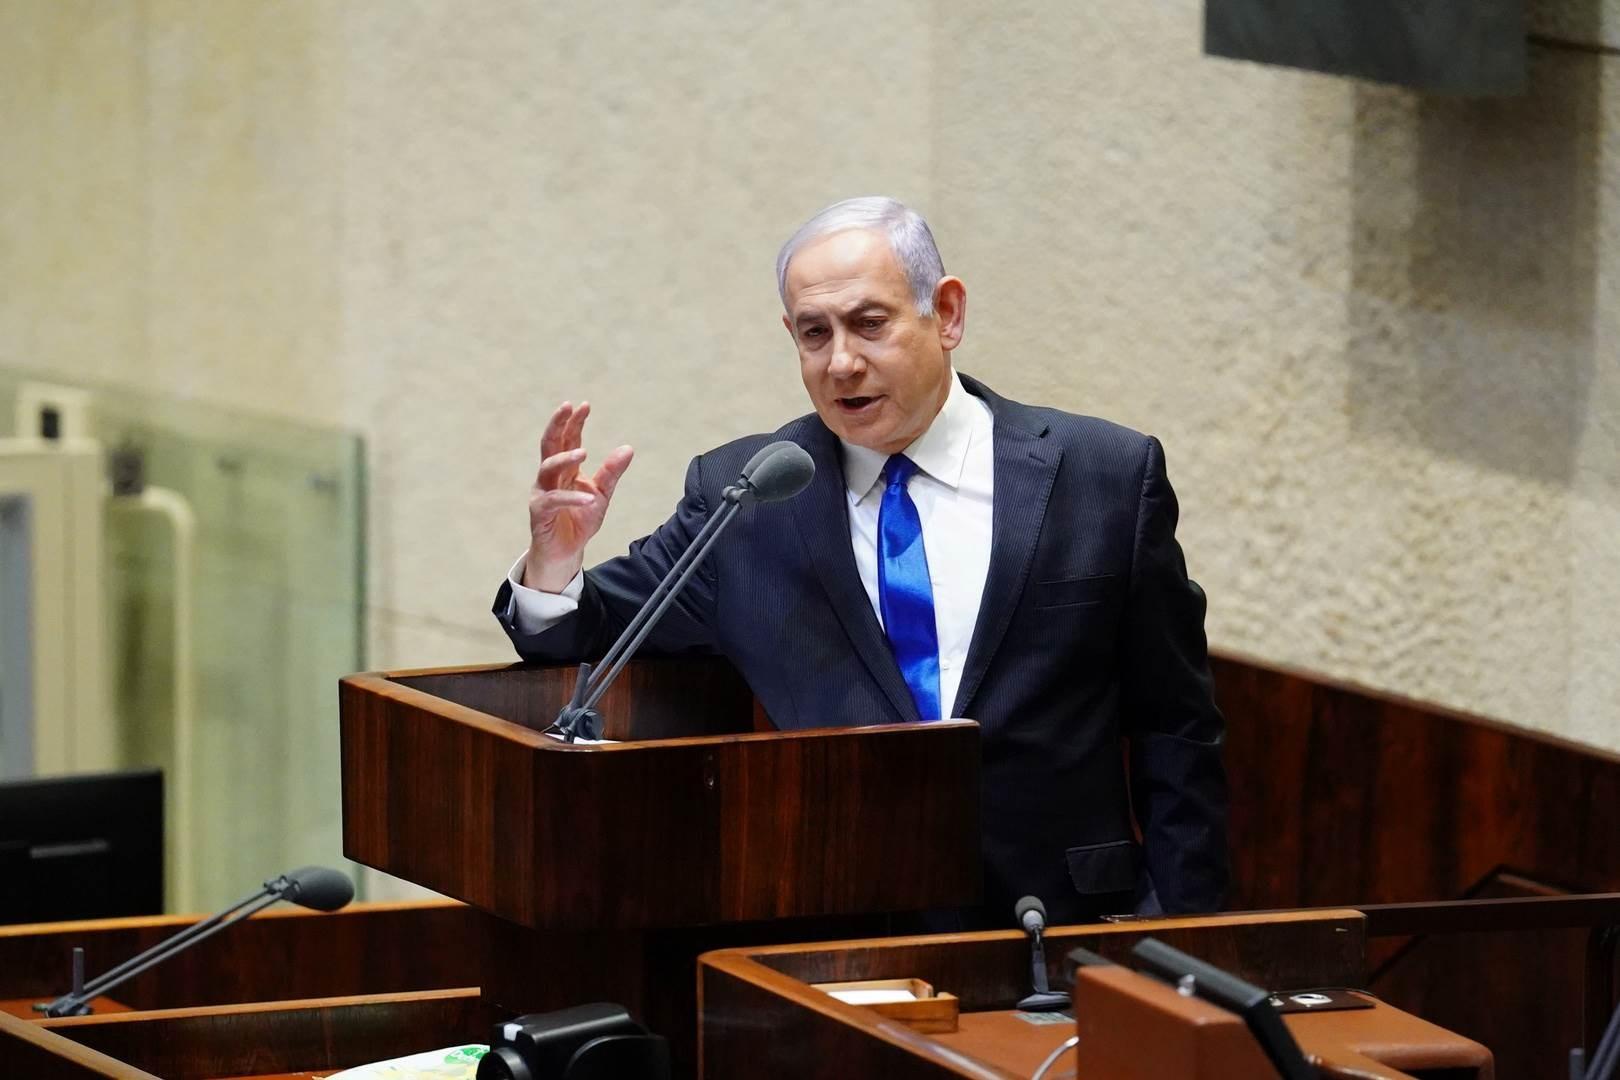 نتنياهو ينوي عرض اتفاقيات التطبيع على مجلس الوزراء والكنيست للمصادقة